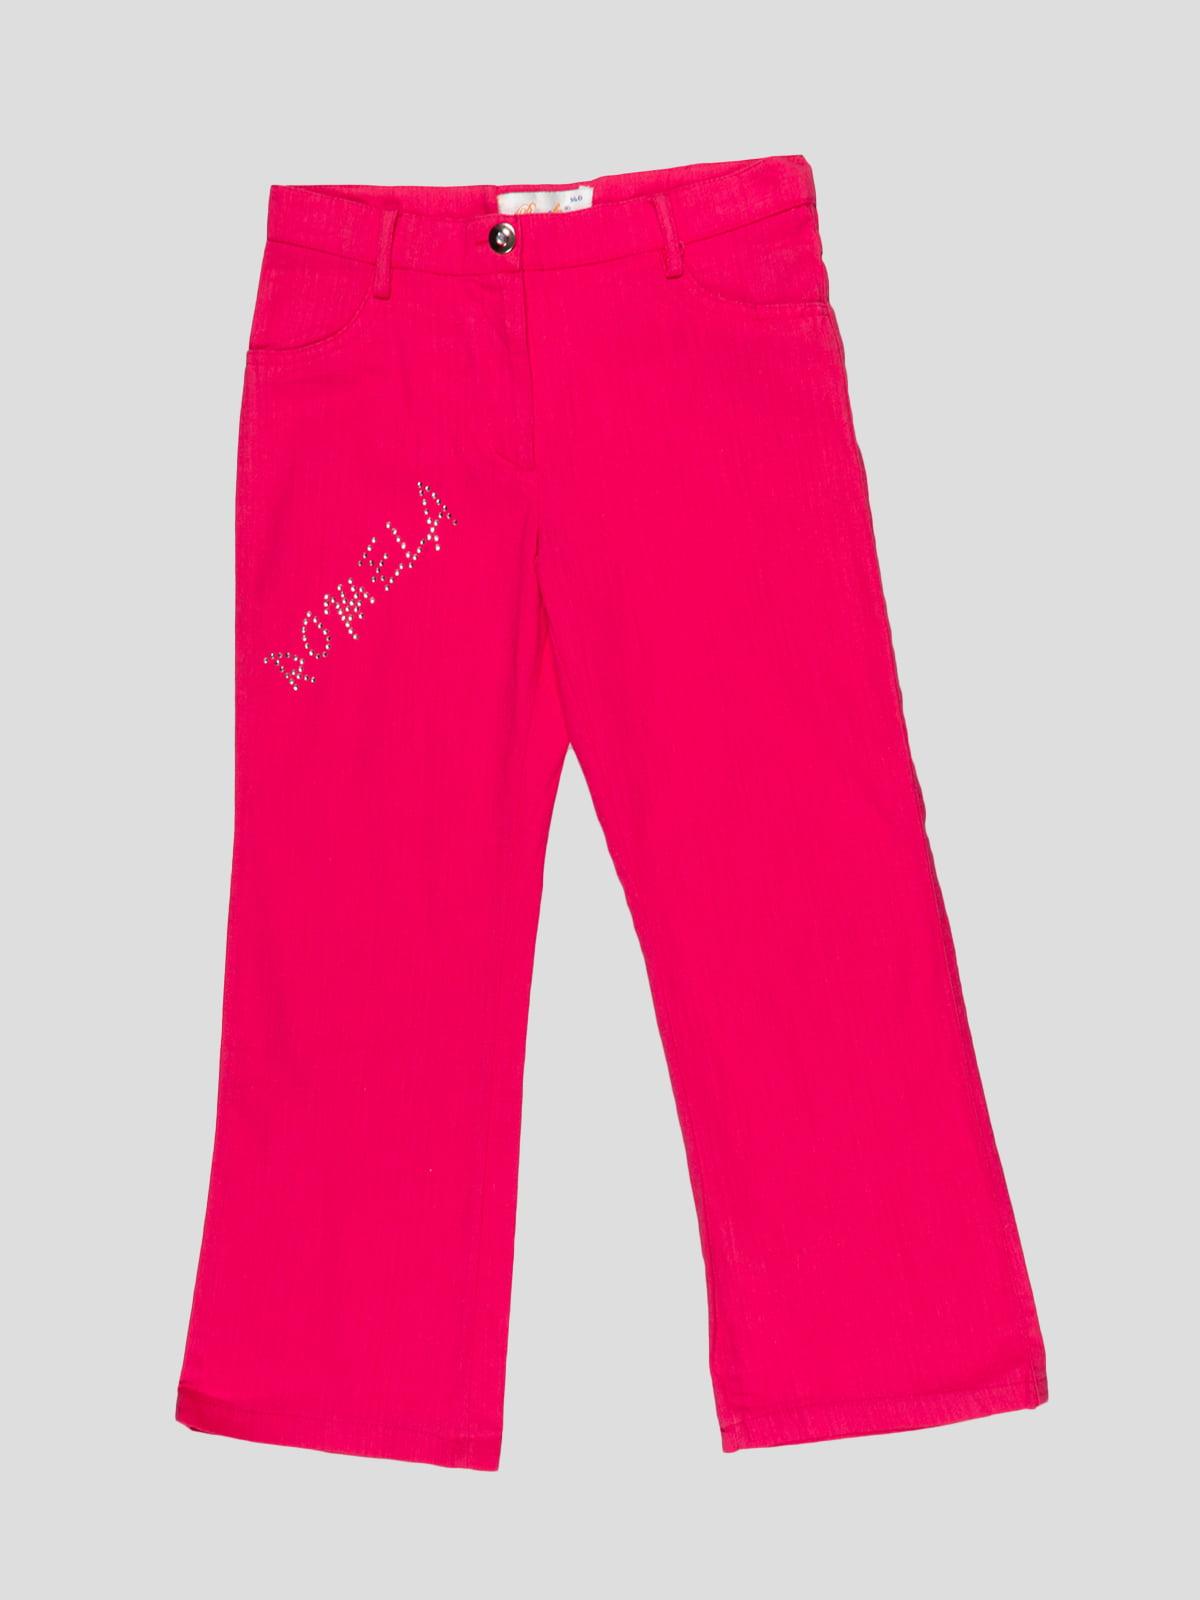 Капрі р. 140 колір Рожевий | 1076738